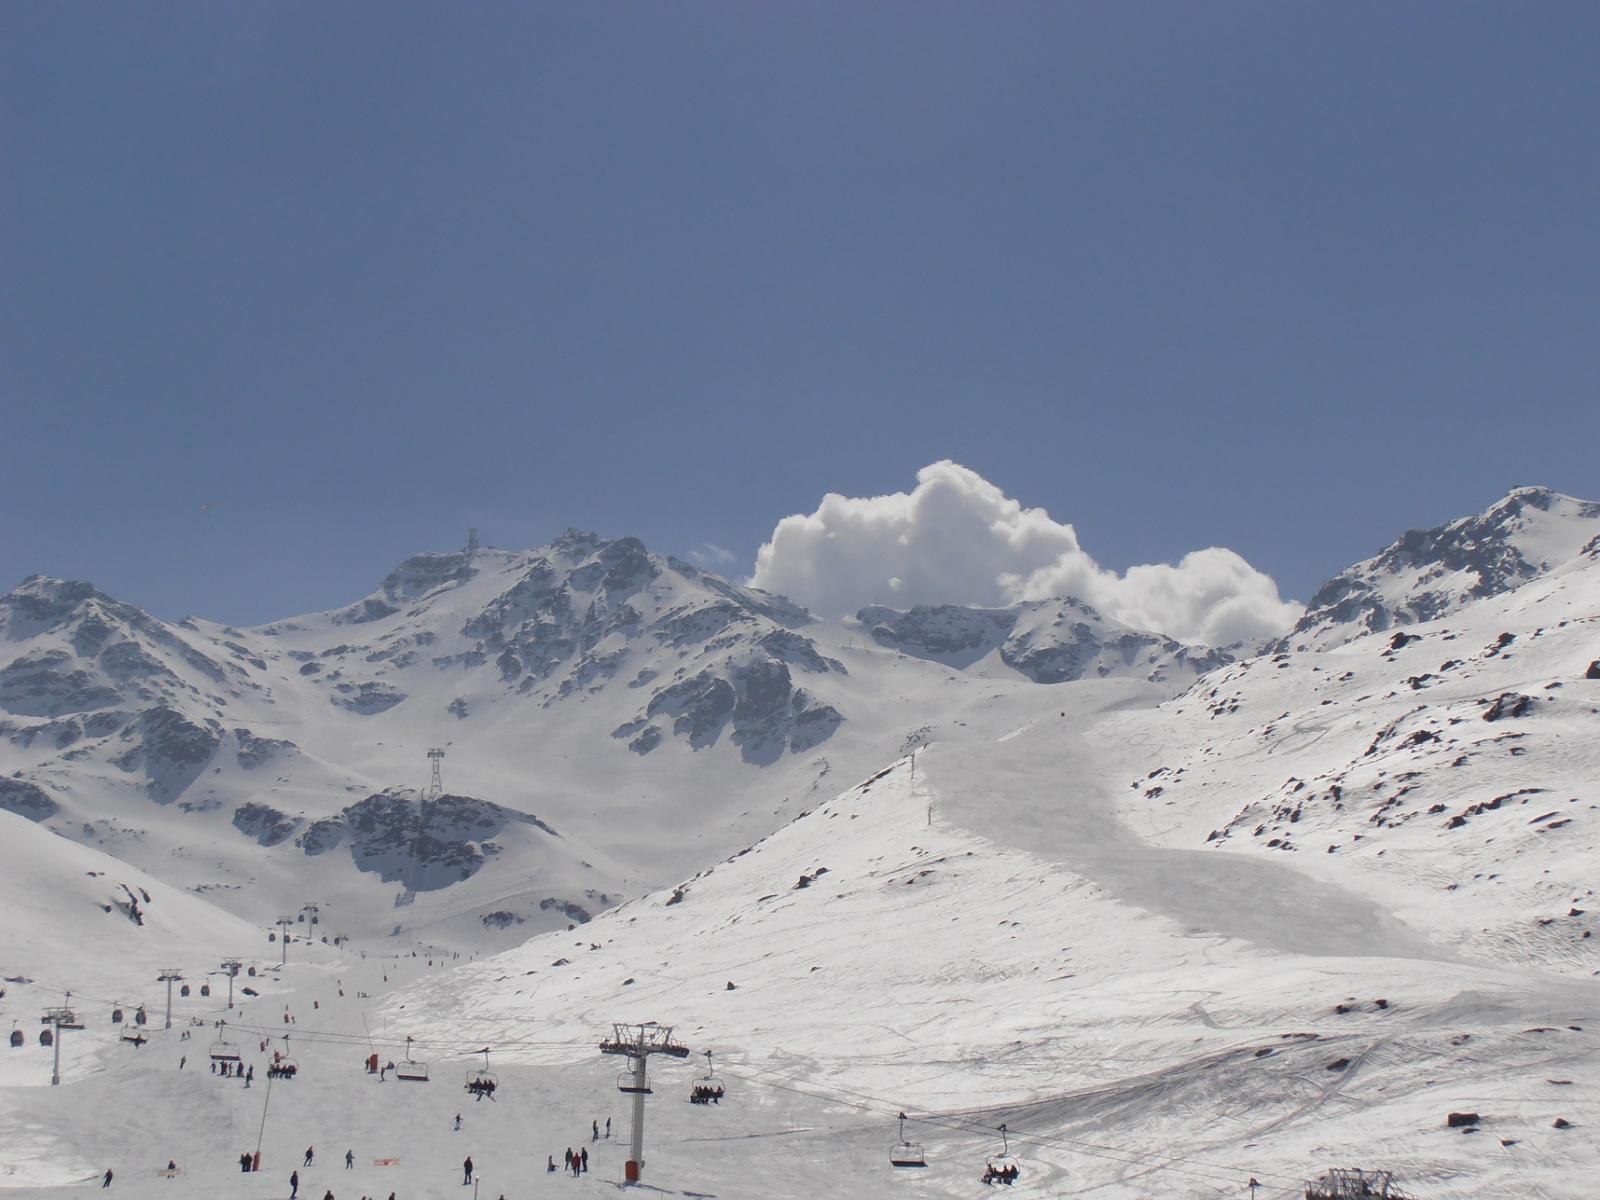 01 - Cime de Caron vista dal parcheggio. Ad impianti aperti molto traffico di sciatori in pista fino a quota 2300